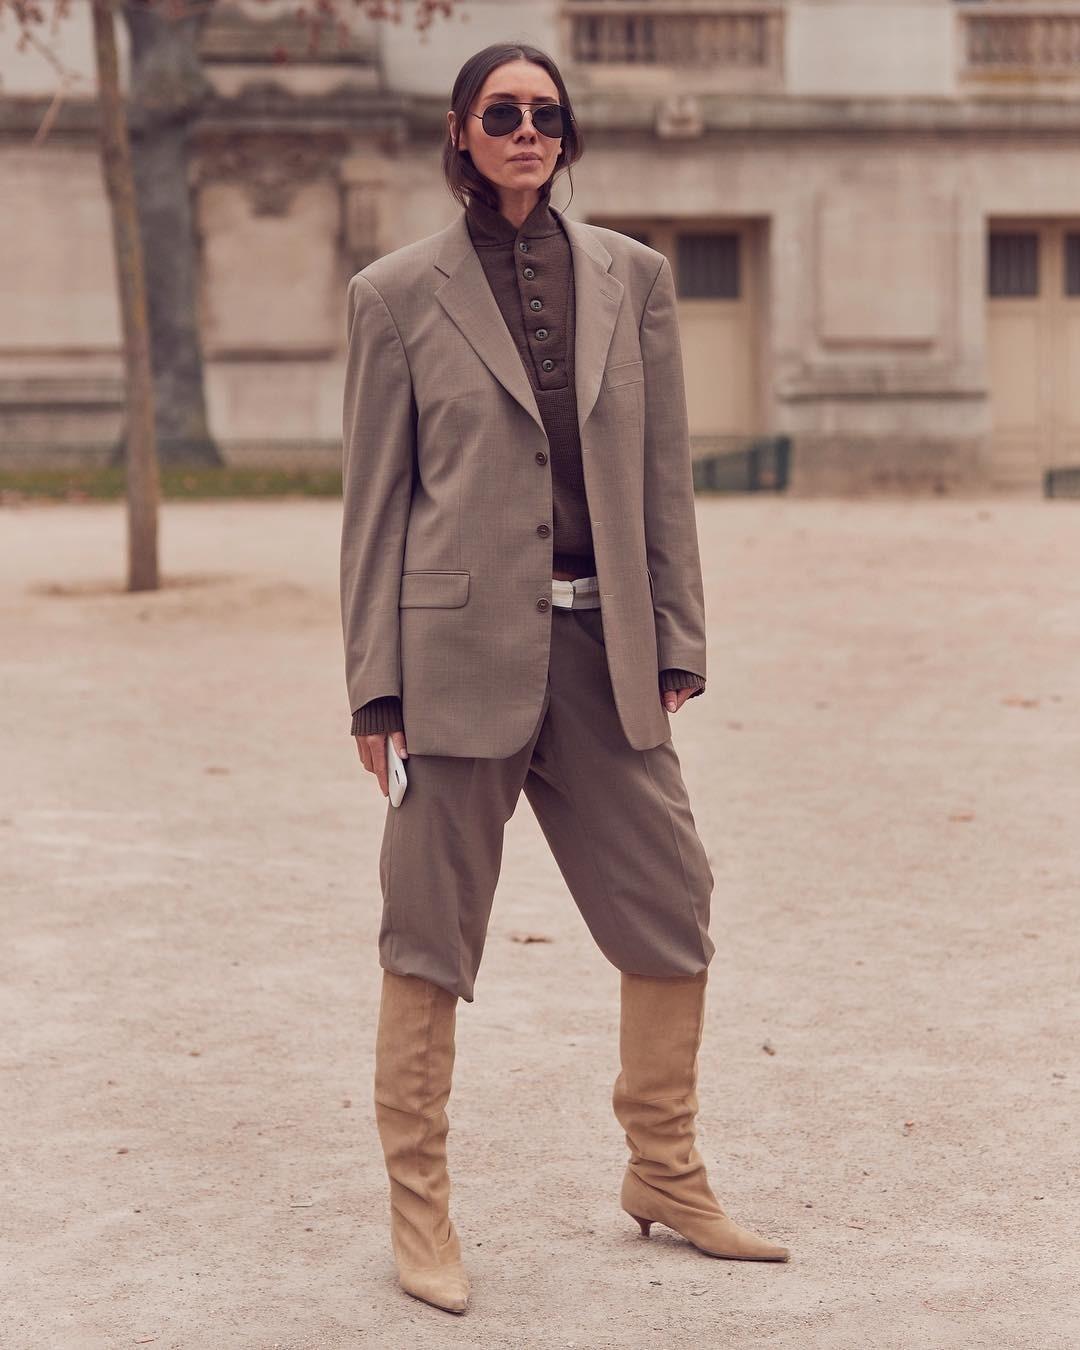 На последних неделях моды был замечен новый тренд — брюки свободного кроя, заправленные в высокие ботфорты. Чтобы добавить образу дополнительные формы и объем, гости недель моды надевали...